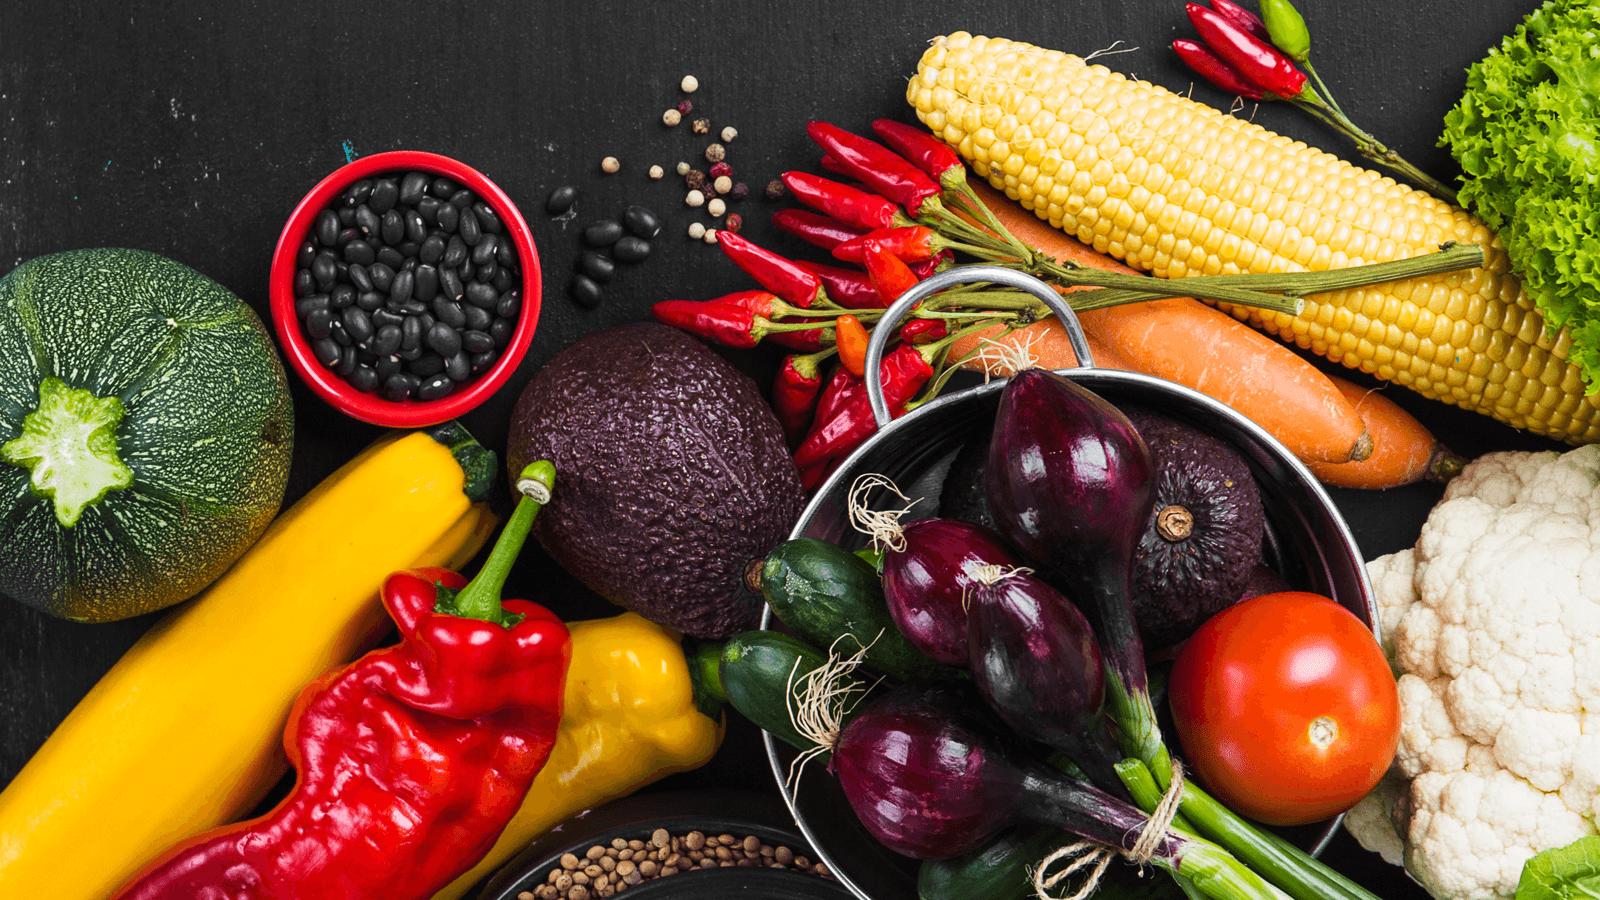 Chế độ ăn Keto là một phương pháp dinh dưỡng giúp giảm cân nhanh và cải thiện sức khỏe cho người thực hiện. Theo phương pháp này, lượng calories nạp vào hằng ngày sẽ gồm 75% chất béo, 20% chất đạm và 5% carb. Kiên trì theo đuổi chế độ ăn kiêng Keto, bạn sẽ có được sắc vóc mơ ước và sức khỏe dẻo dai, phòng trừ bệnh tật